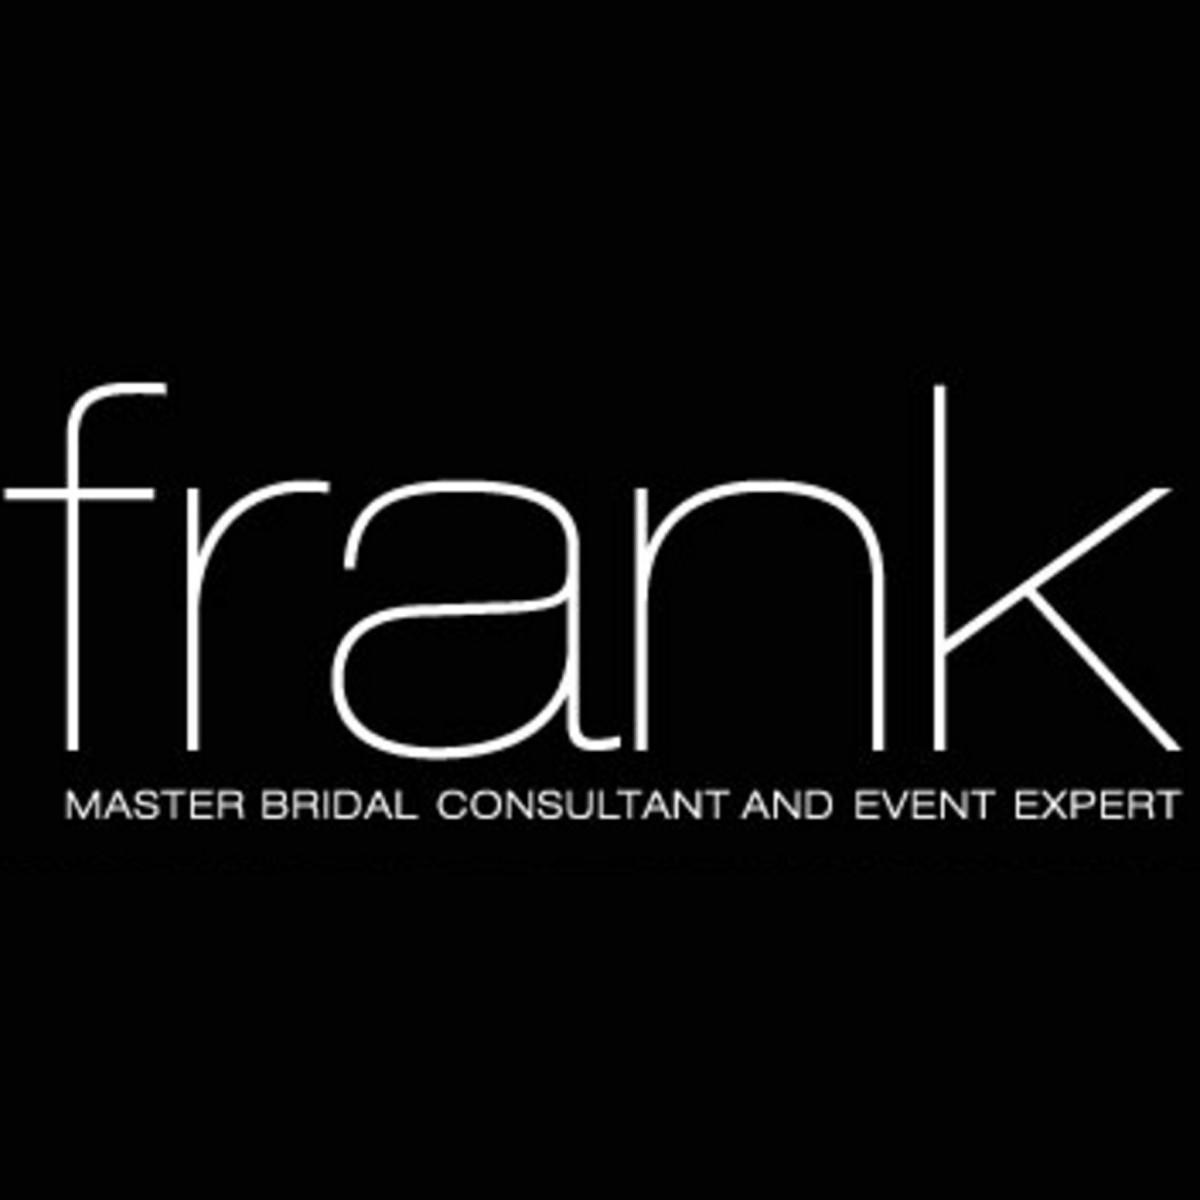 Frank Event Design Logo